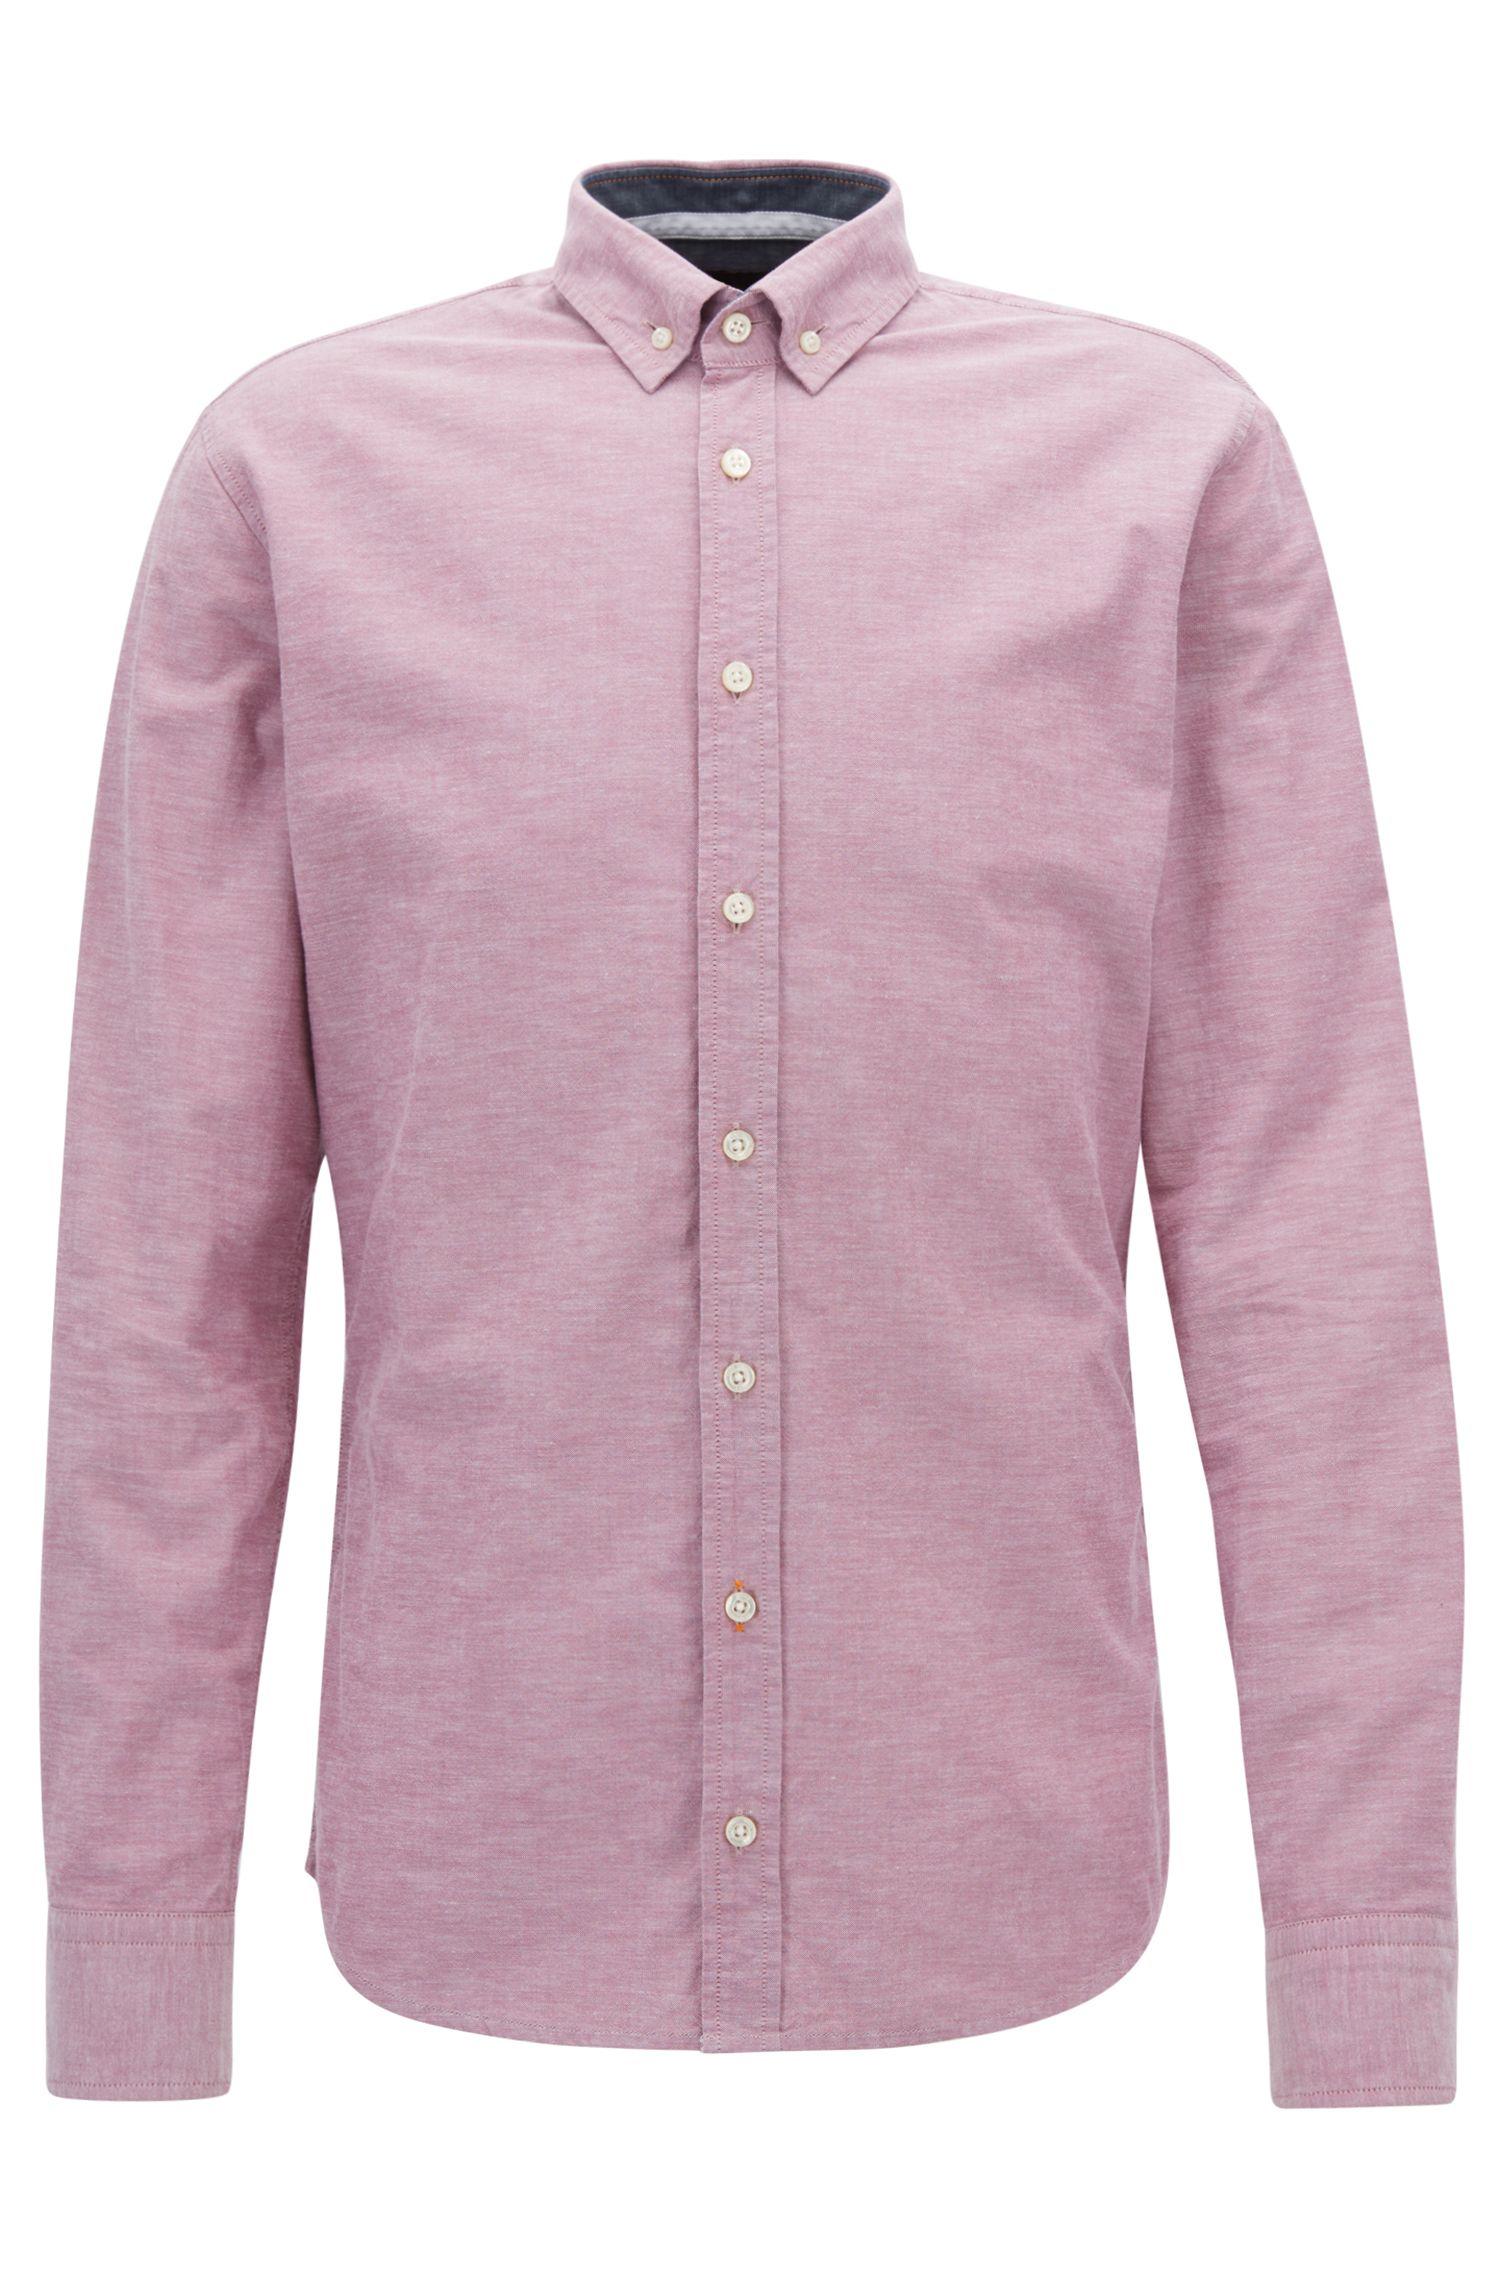 Camicia stile oxford slim fit in cotone panama manopesca